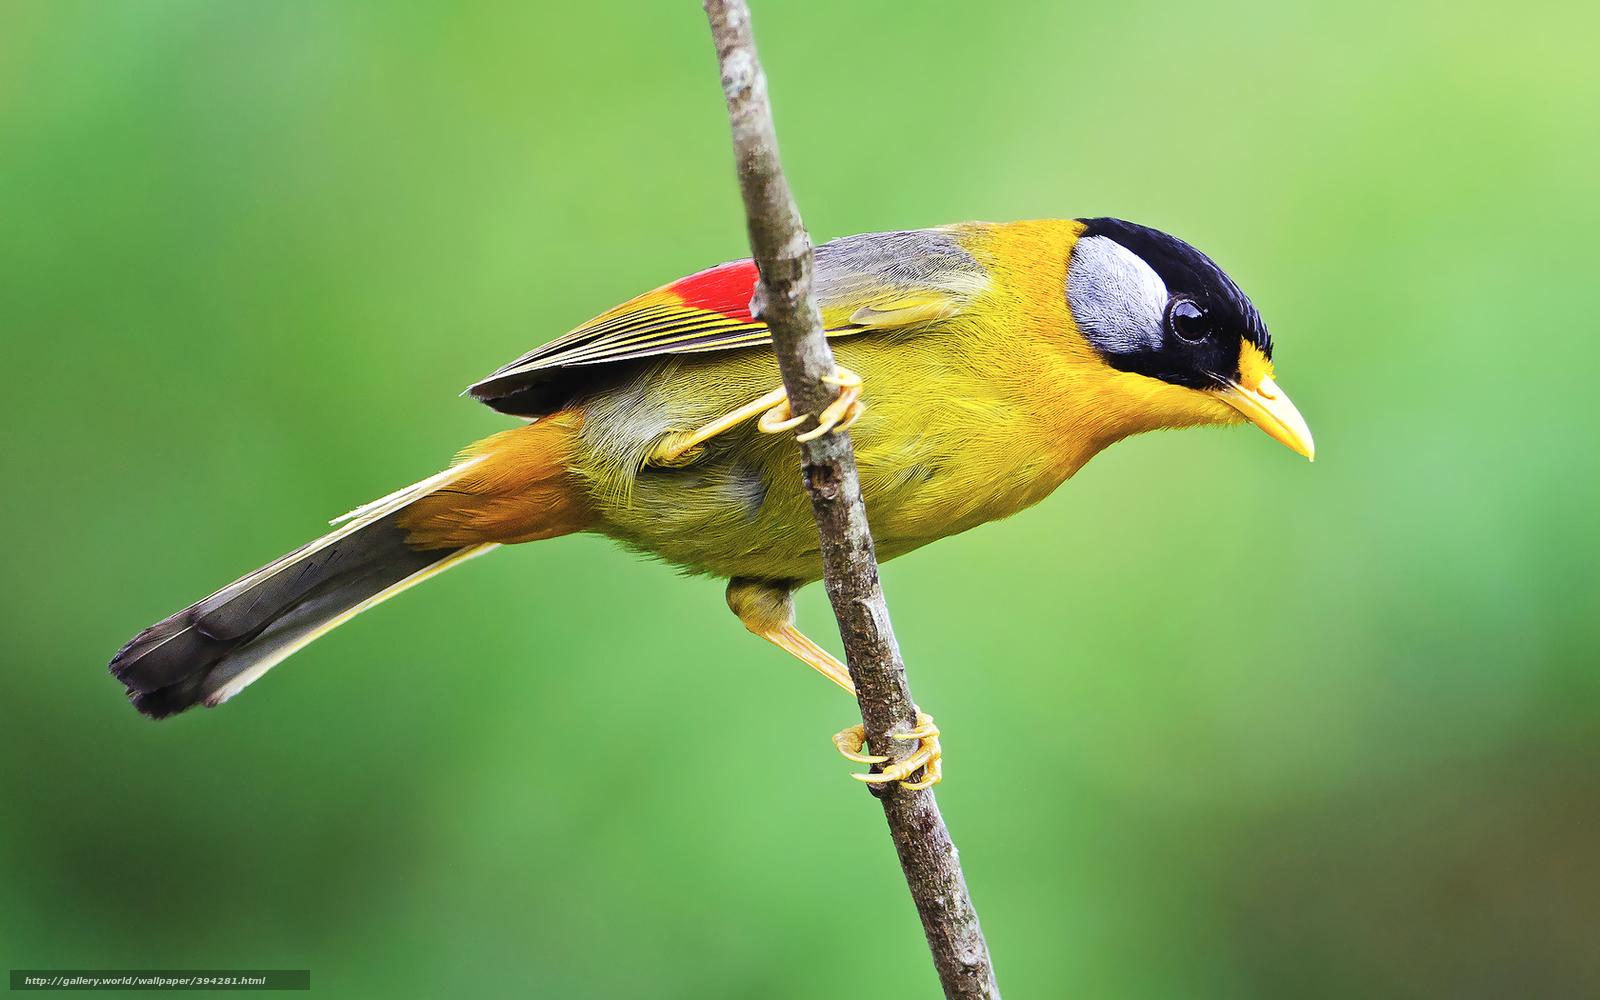 tlcharger fond d 39 ecran oiseau petit oiseau jaune